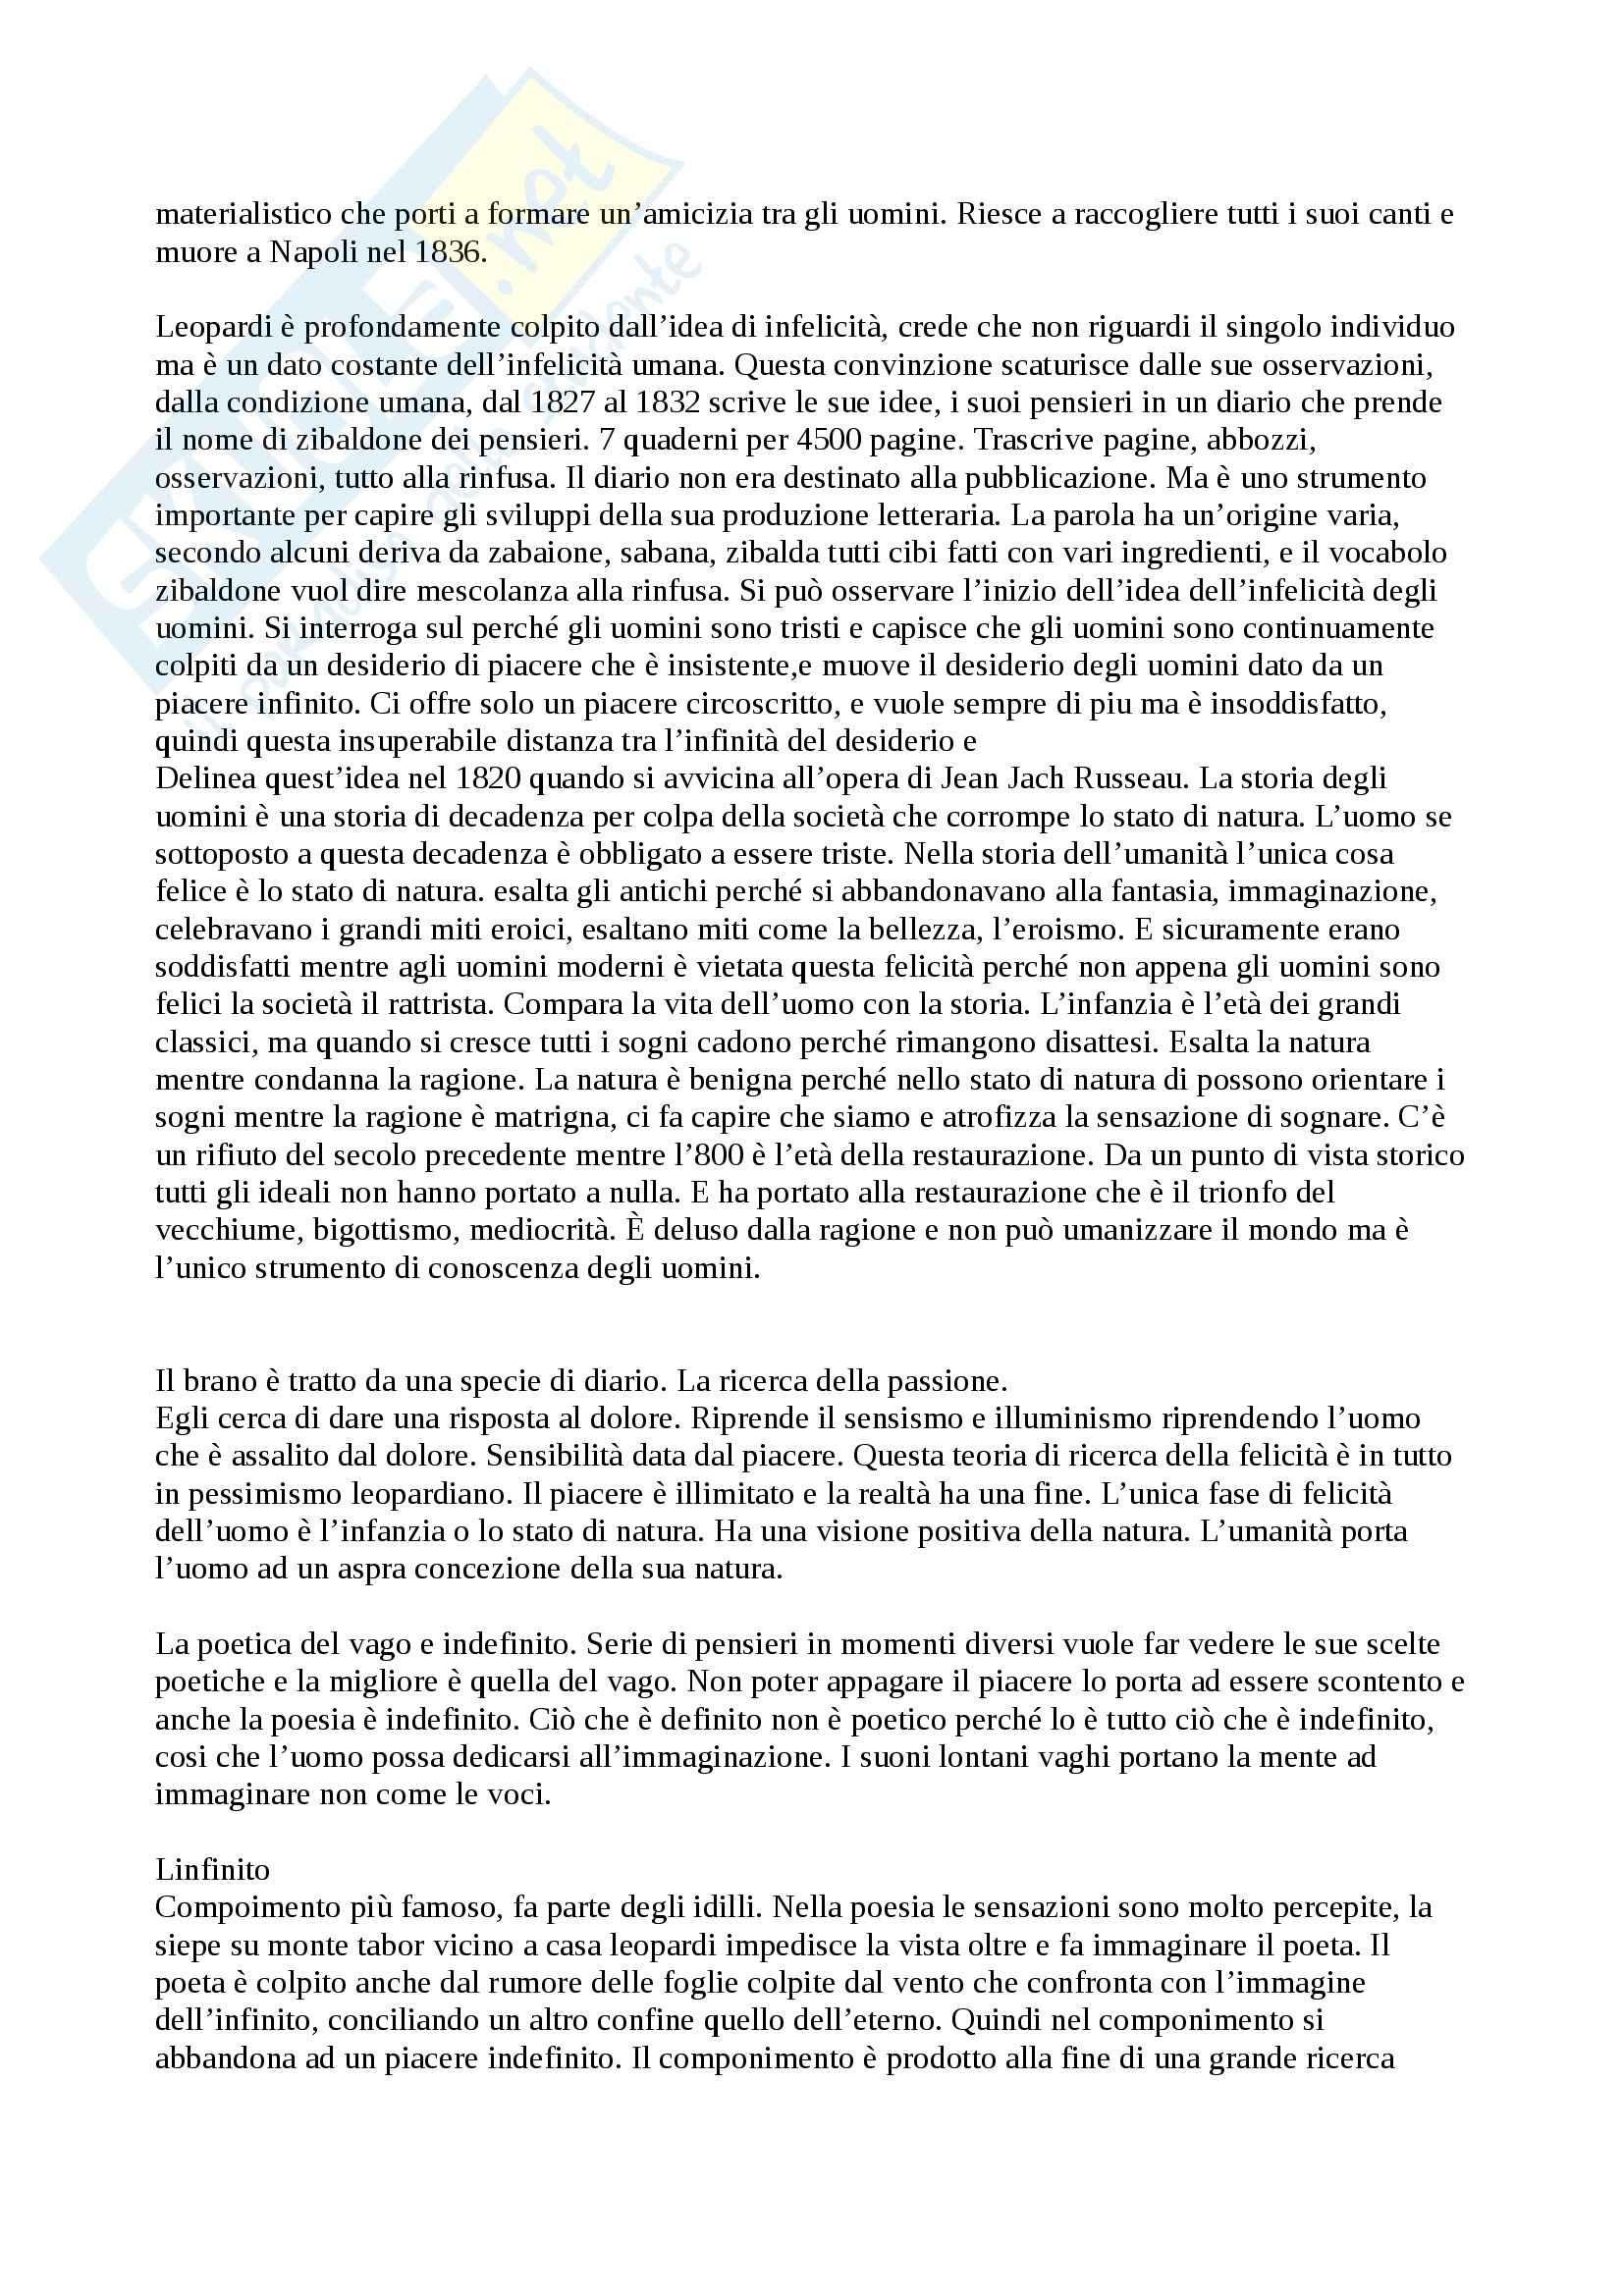 Giacomo Leopardi Vita - Pensiero - Opere analizzate - Appunti Pag. 2